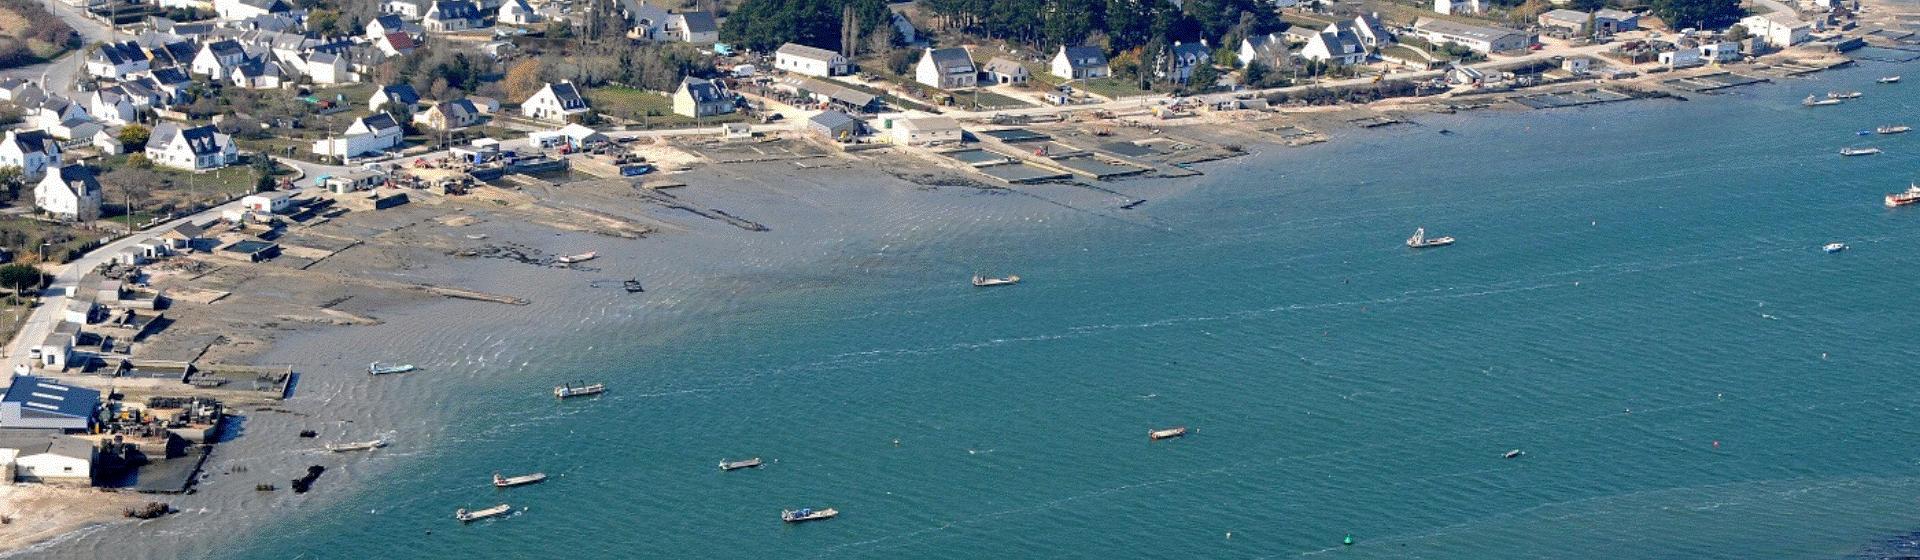 photographie aérienne d'un village en bord de mer avec des bateaux